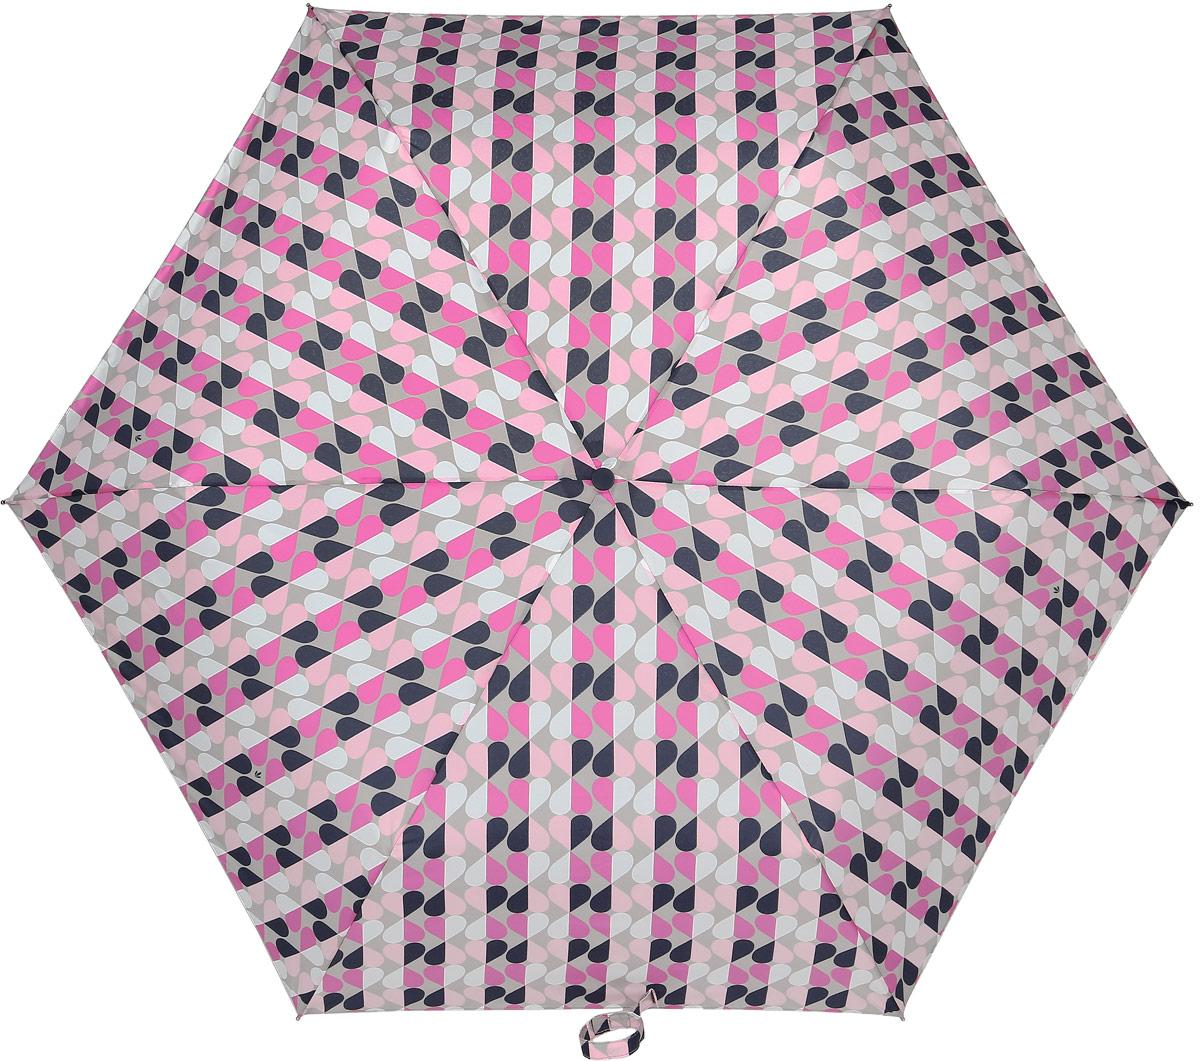 Зонт женский Fulton, механический, 3 сложения, цвет: розовый, бежевый. L553-3373L553-3373 GeoHeartСтильный механический зонт Fulton имеет 3 сложения, даже в ненастную погоду позволит вам оставаться стильной. Легкий, но в тоже время прочный алюминиевый каркас состоит из шести спиц с элементами из фибергласса. Купол зонта выполнен из прочного полиэстера с водоотталкивающей пропиткой. Рукоятка закругленной формы, разработанная с учетом требований эргономики, выполнена из каучука. Зонт имеет механический способ сложения: и купол, и стержень открываются и закрываются вручную до характерного щелчка.